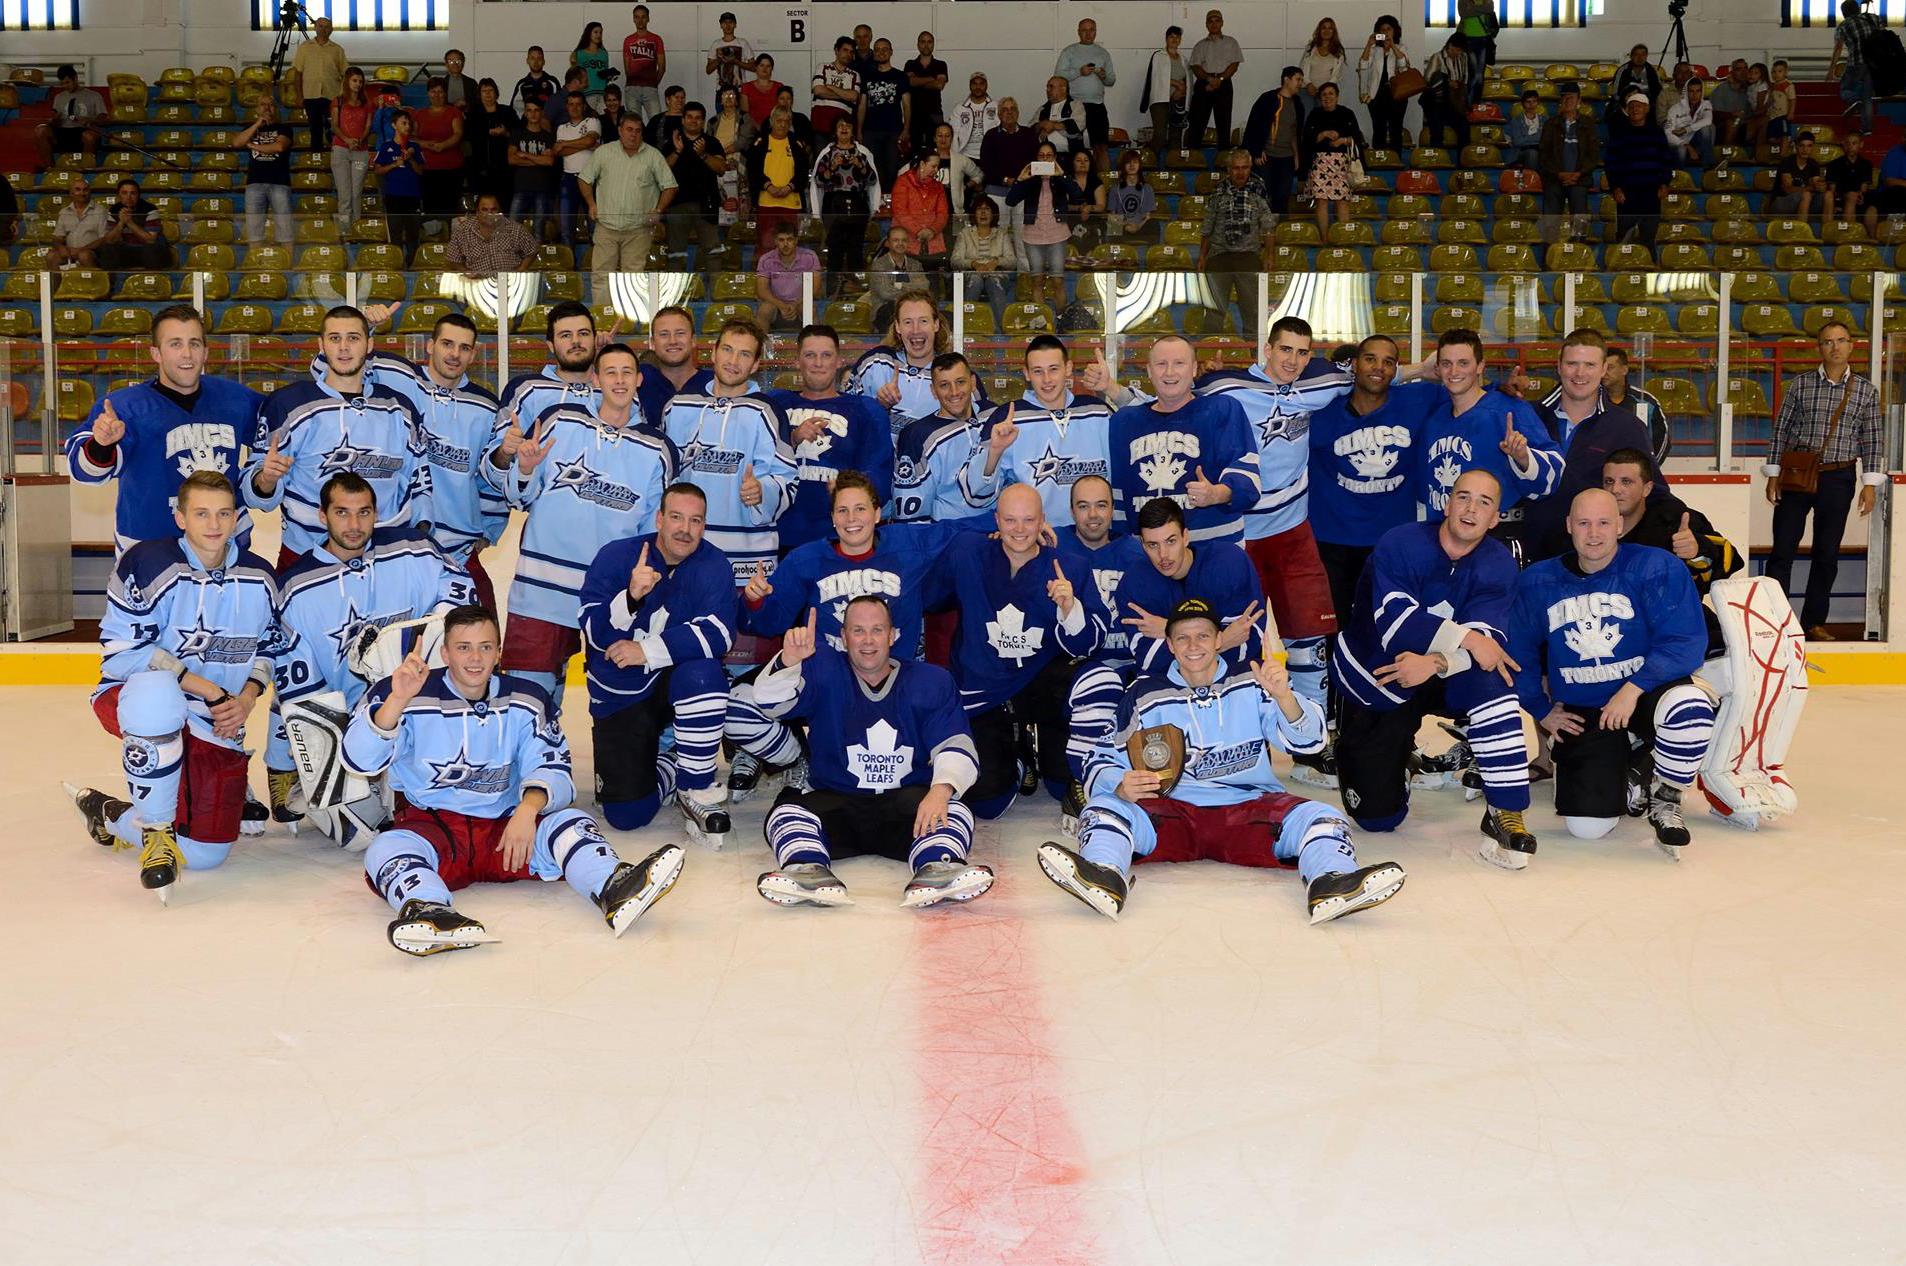 Nicholson hockey